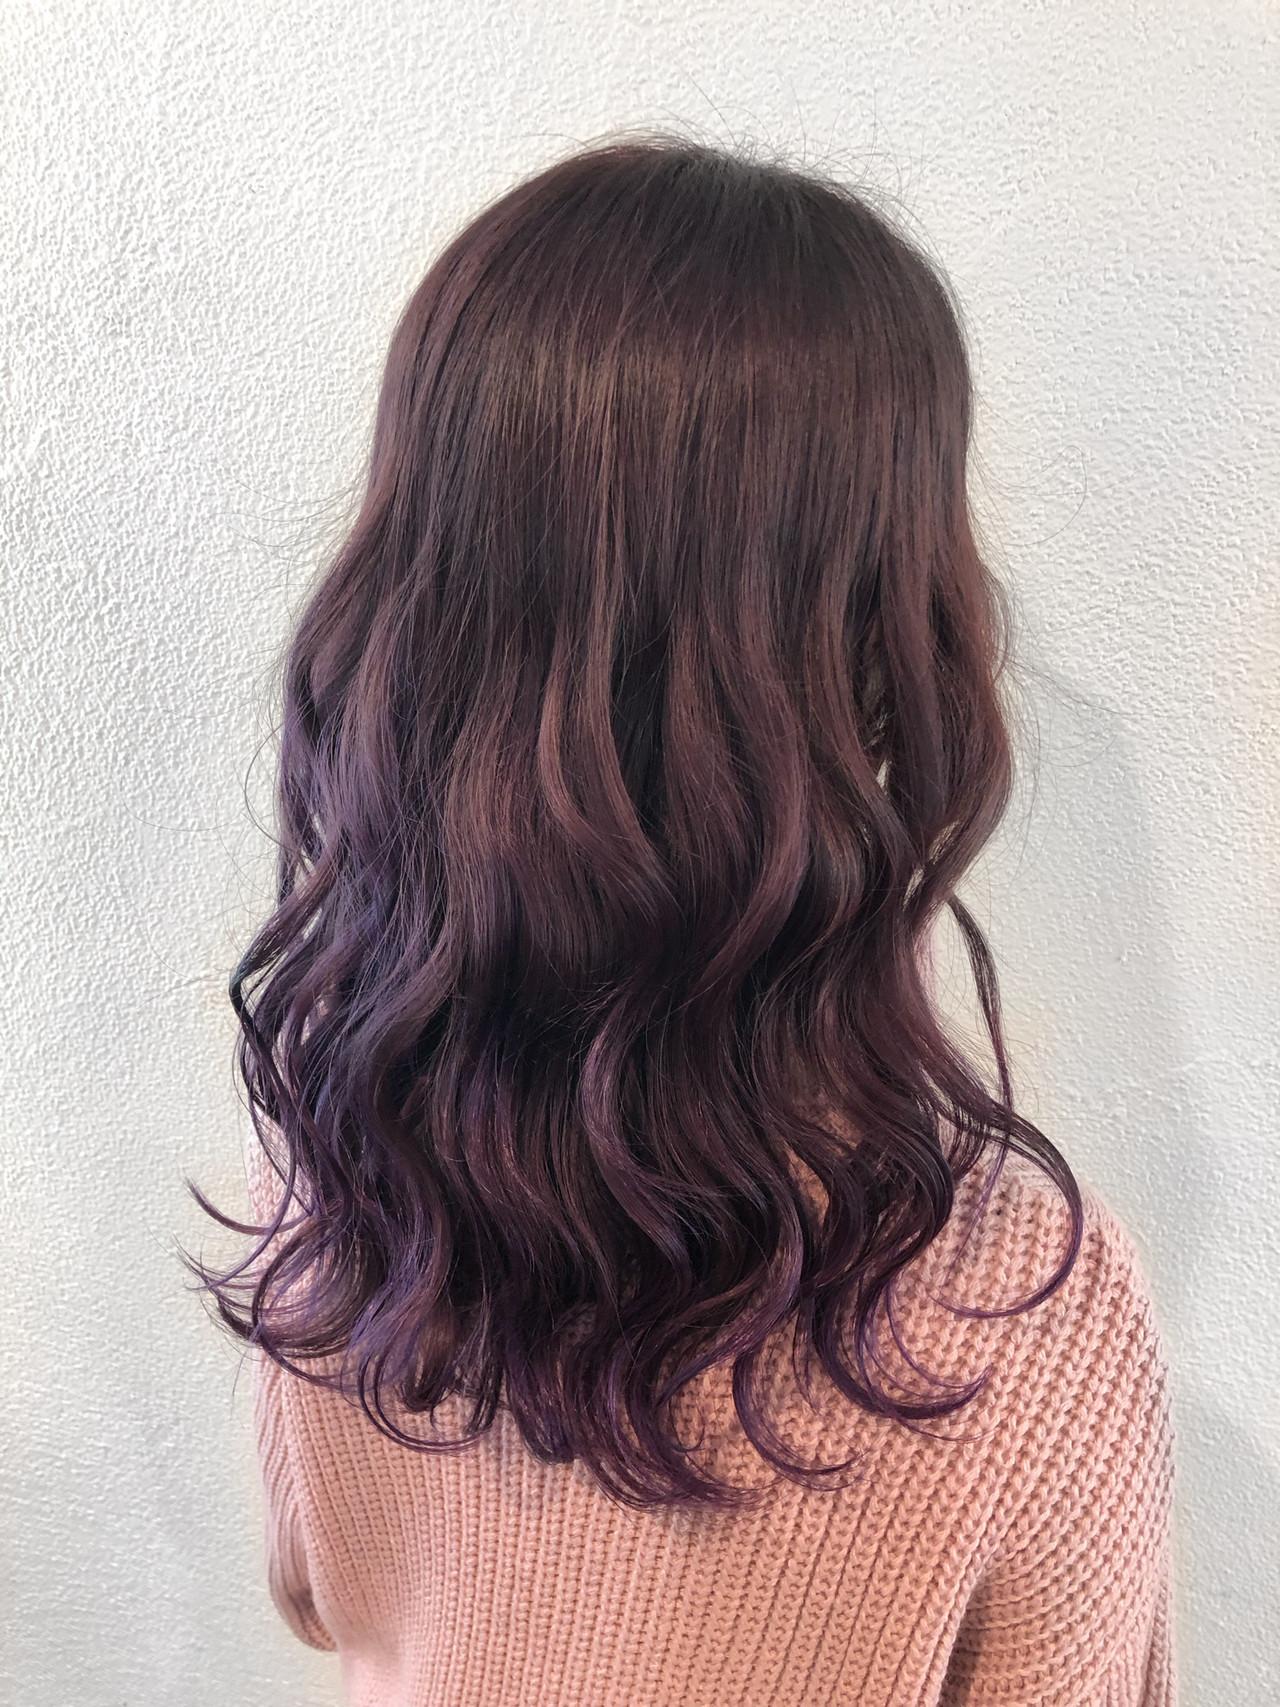 ダークカラー グレーアッシュ パープル グレージュ ヘアスタイルや髪型の写真・画像